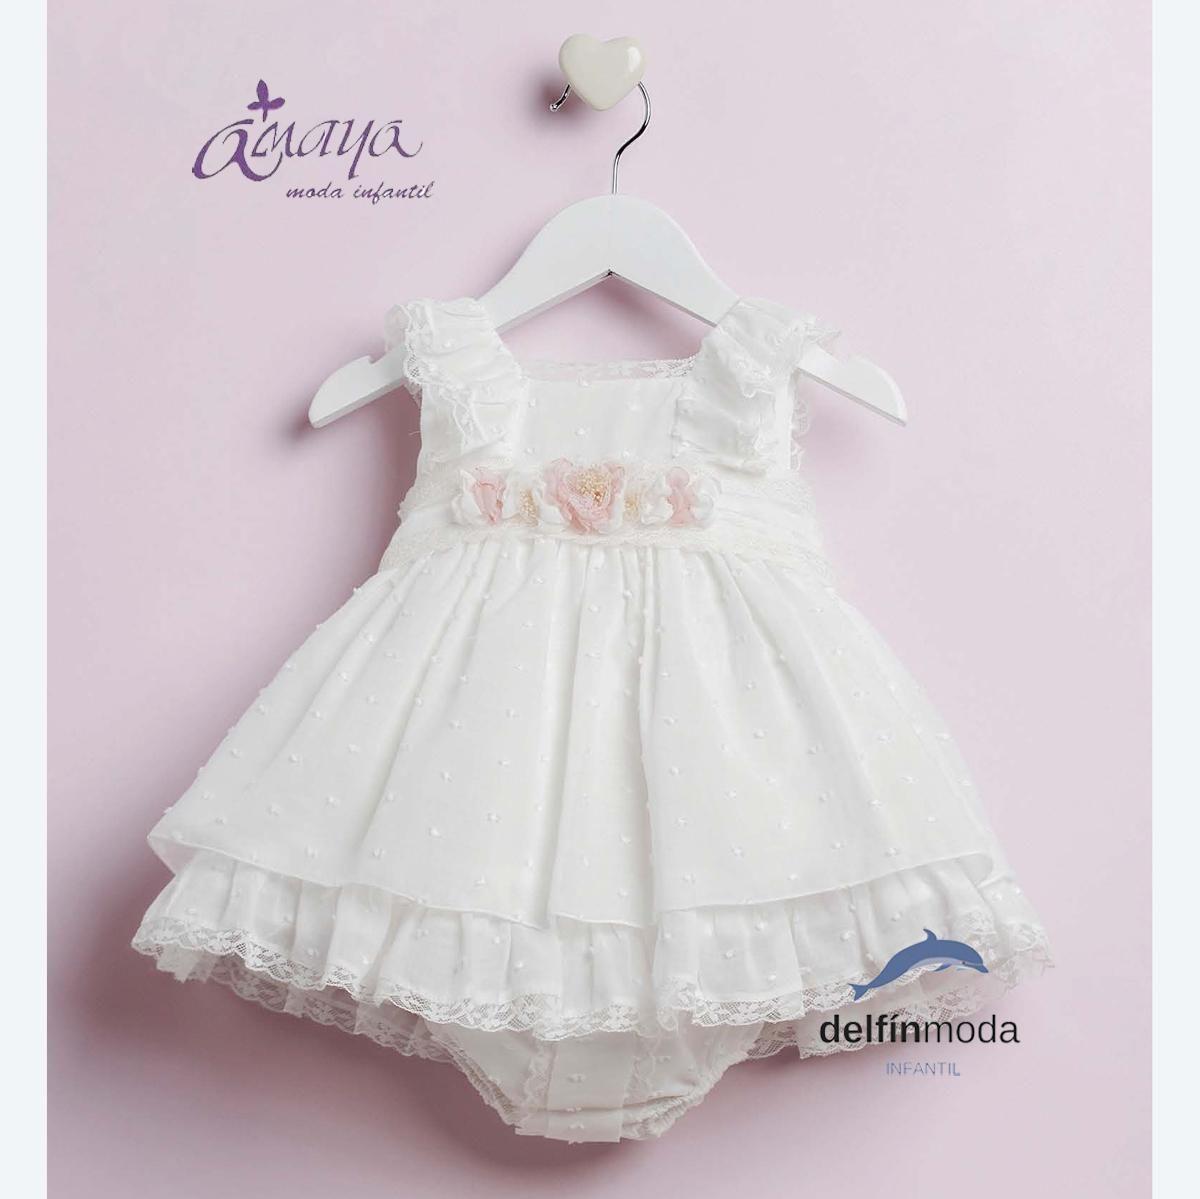 Modelos de vestidos para bautizo de bebes